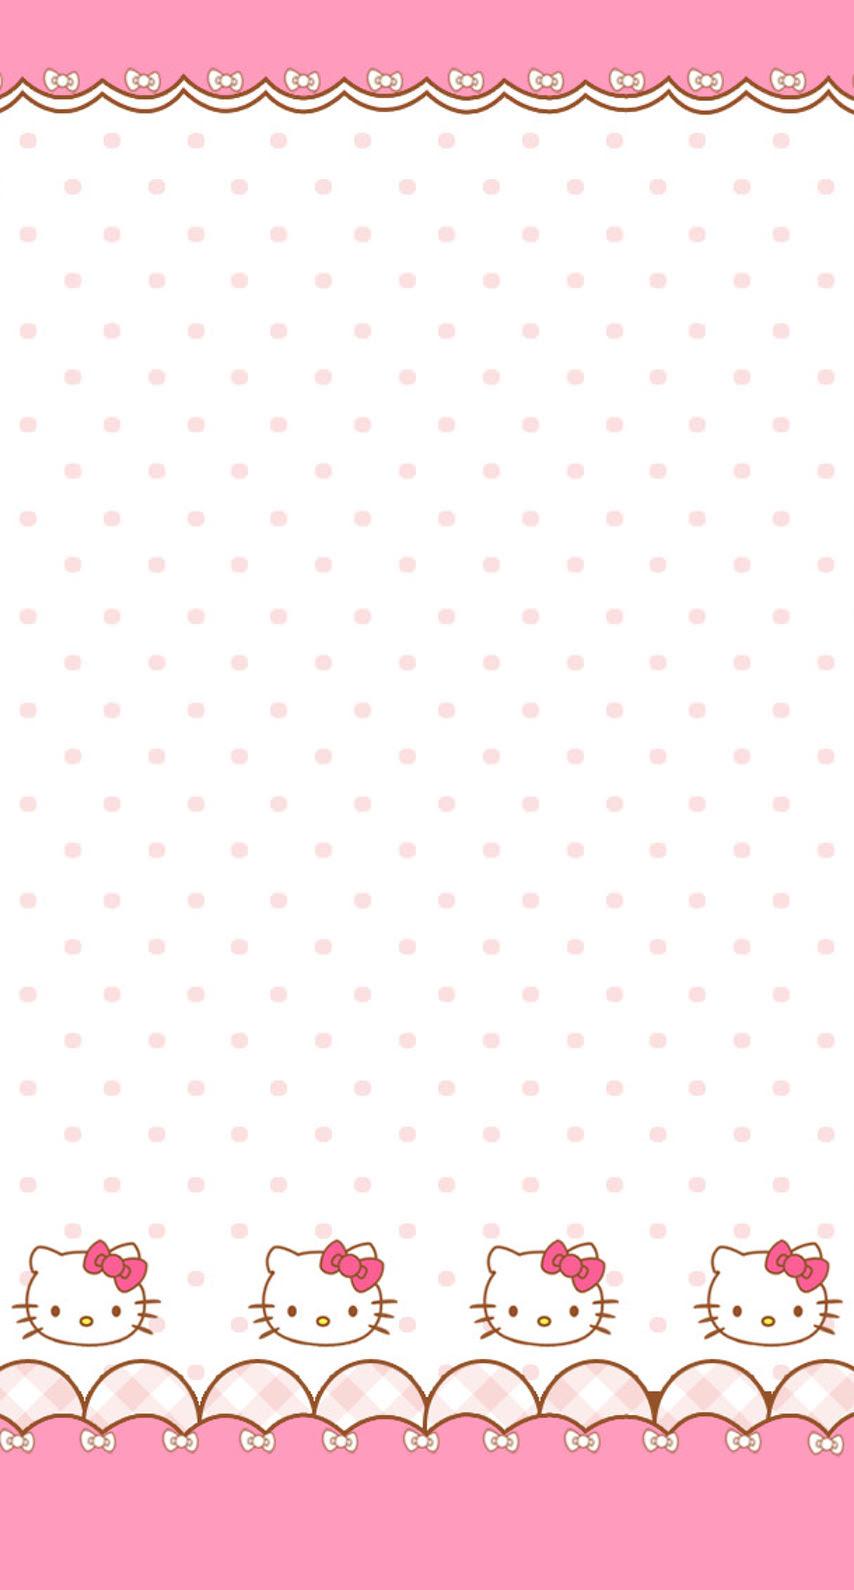 かわいいキティちゃん めちゃ人気 Iphone壁紙dj